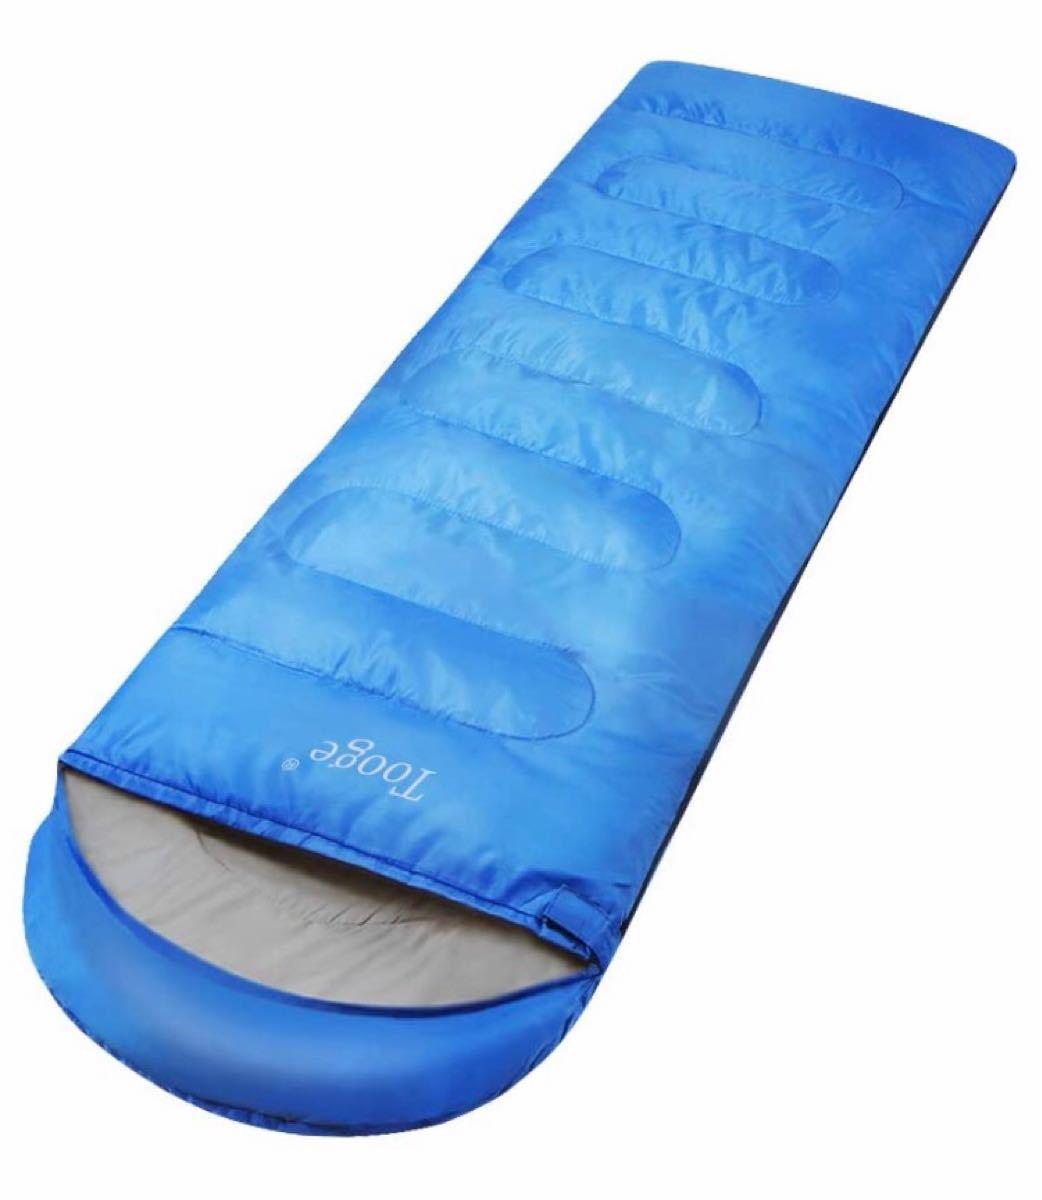 寝袋 夏用 シュラフ 封筒型 3シーズン 丸洗い 軽量 防水 収納袋付き